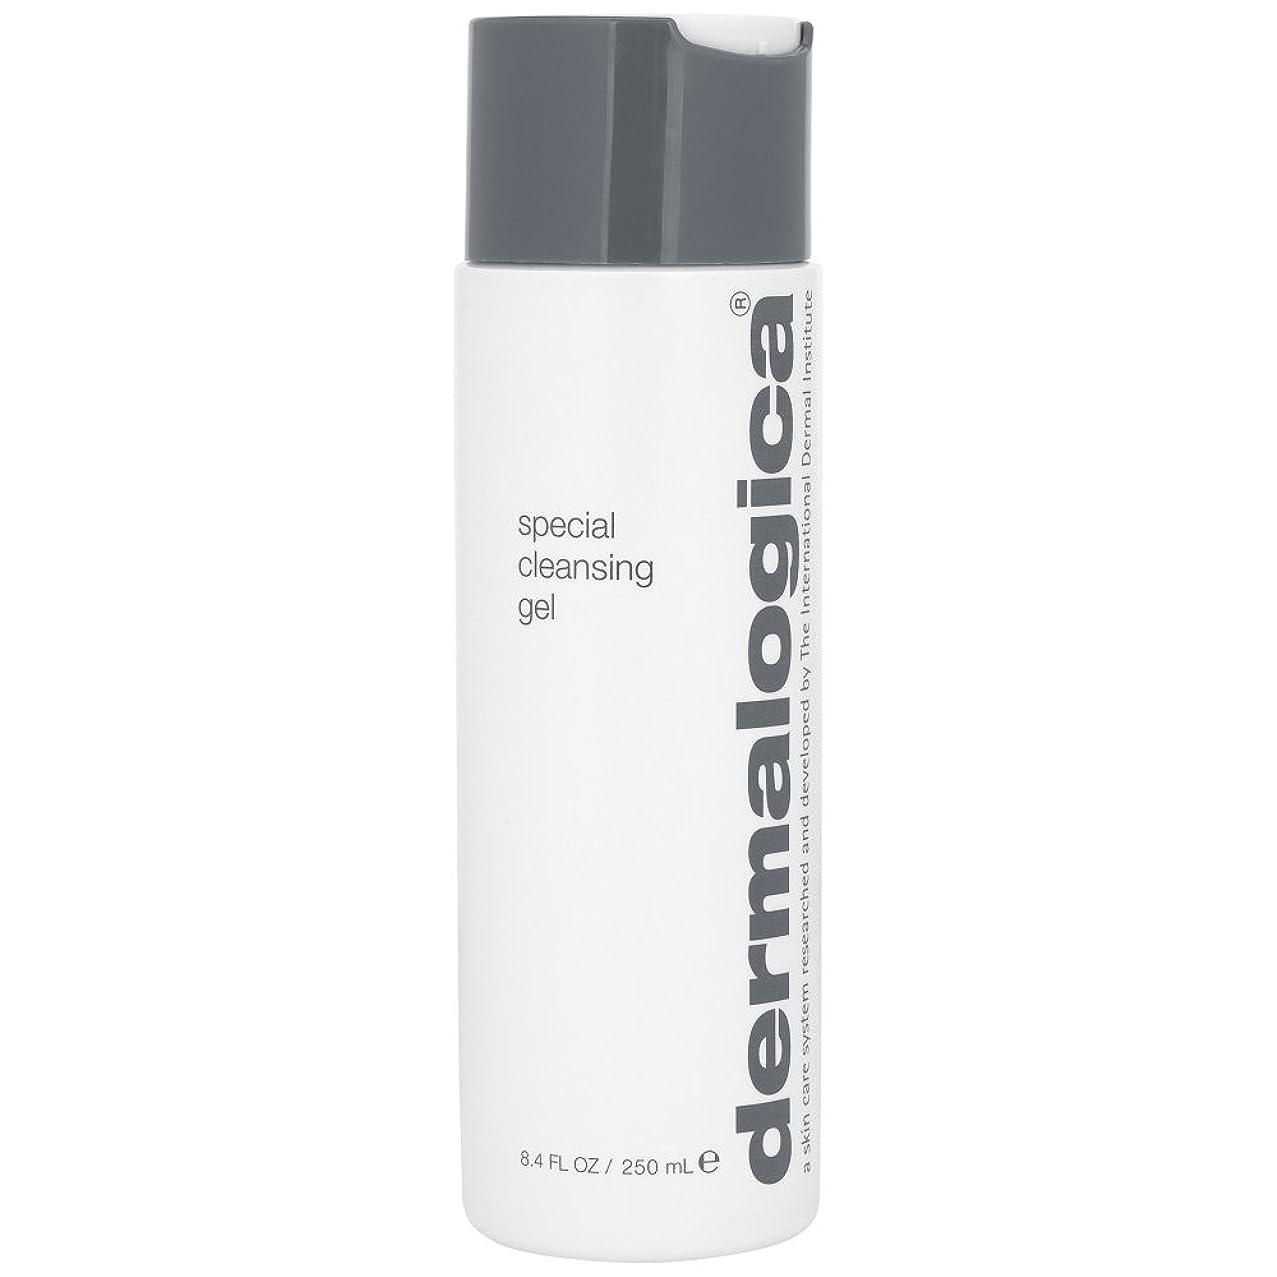 反毒ルーフソブリケットダーマロジカ特別なクレンジングゲル250ミリリットル (Dermalogica) (x2) - Dermalogica Special Cleansing Gel 250ml (Pack of 2) [並行輸入品]